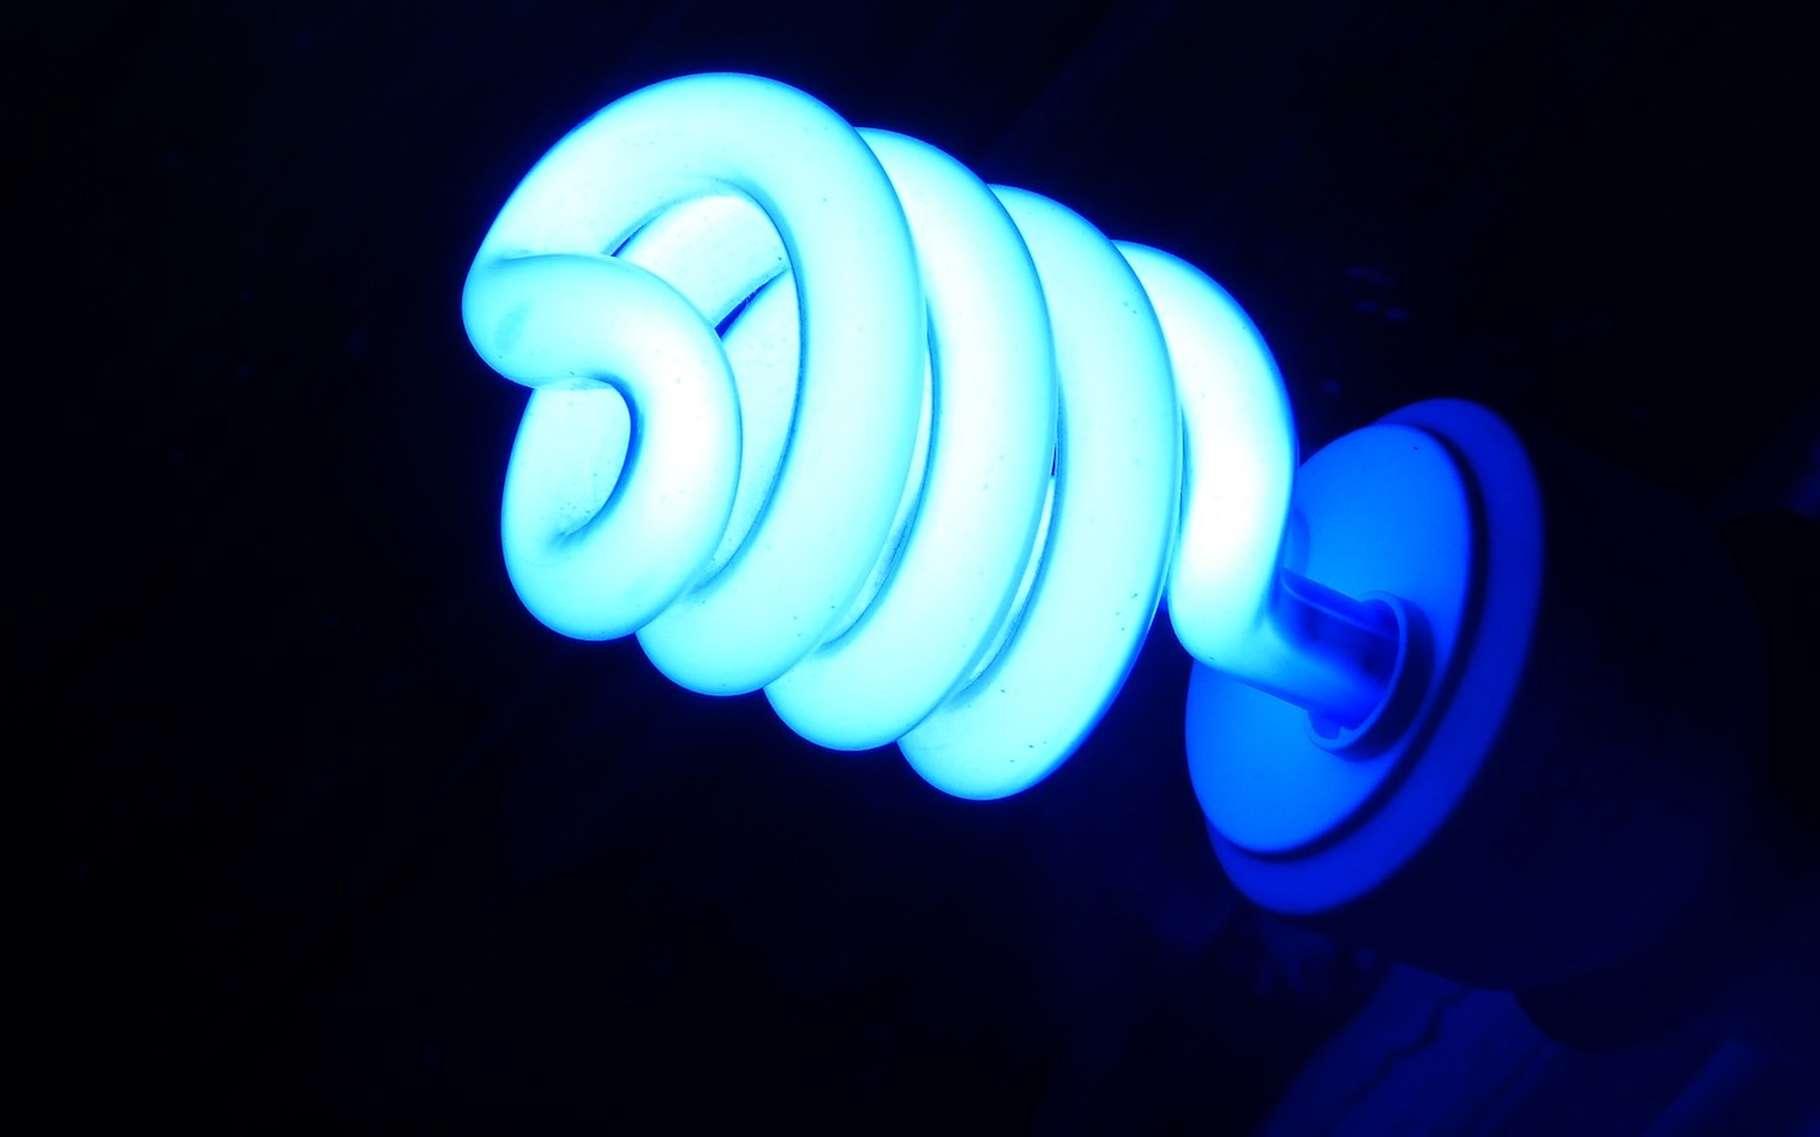 De plus en plus d'appareils électriques dans nos maisons font croître notre consommation. Heureusement, l'efficacité énergétique de ces appareils progresse également. Et les réglementations thermiques de plus en plus strictes nous encouragent à limiter notre consommation d'électricité. ©danielpaz1, Pixabay, CC0 Public Domain